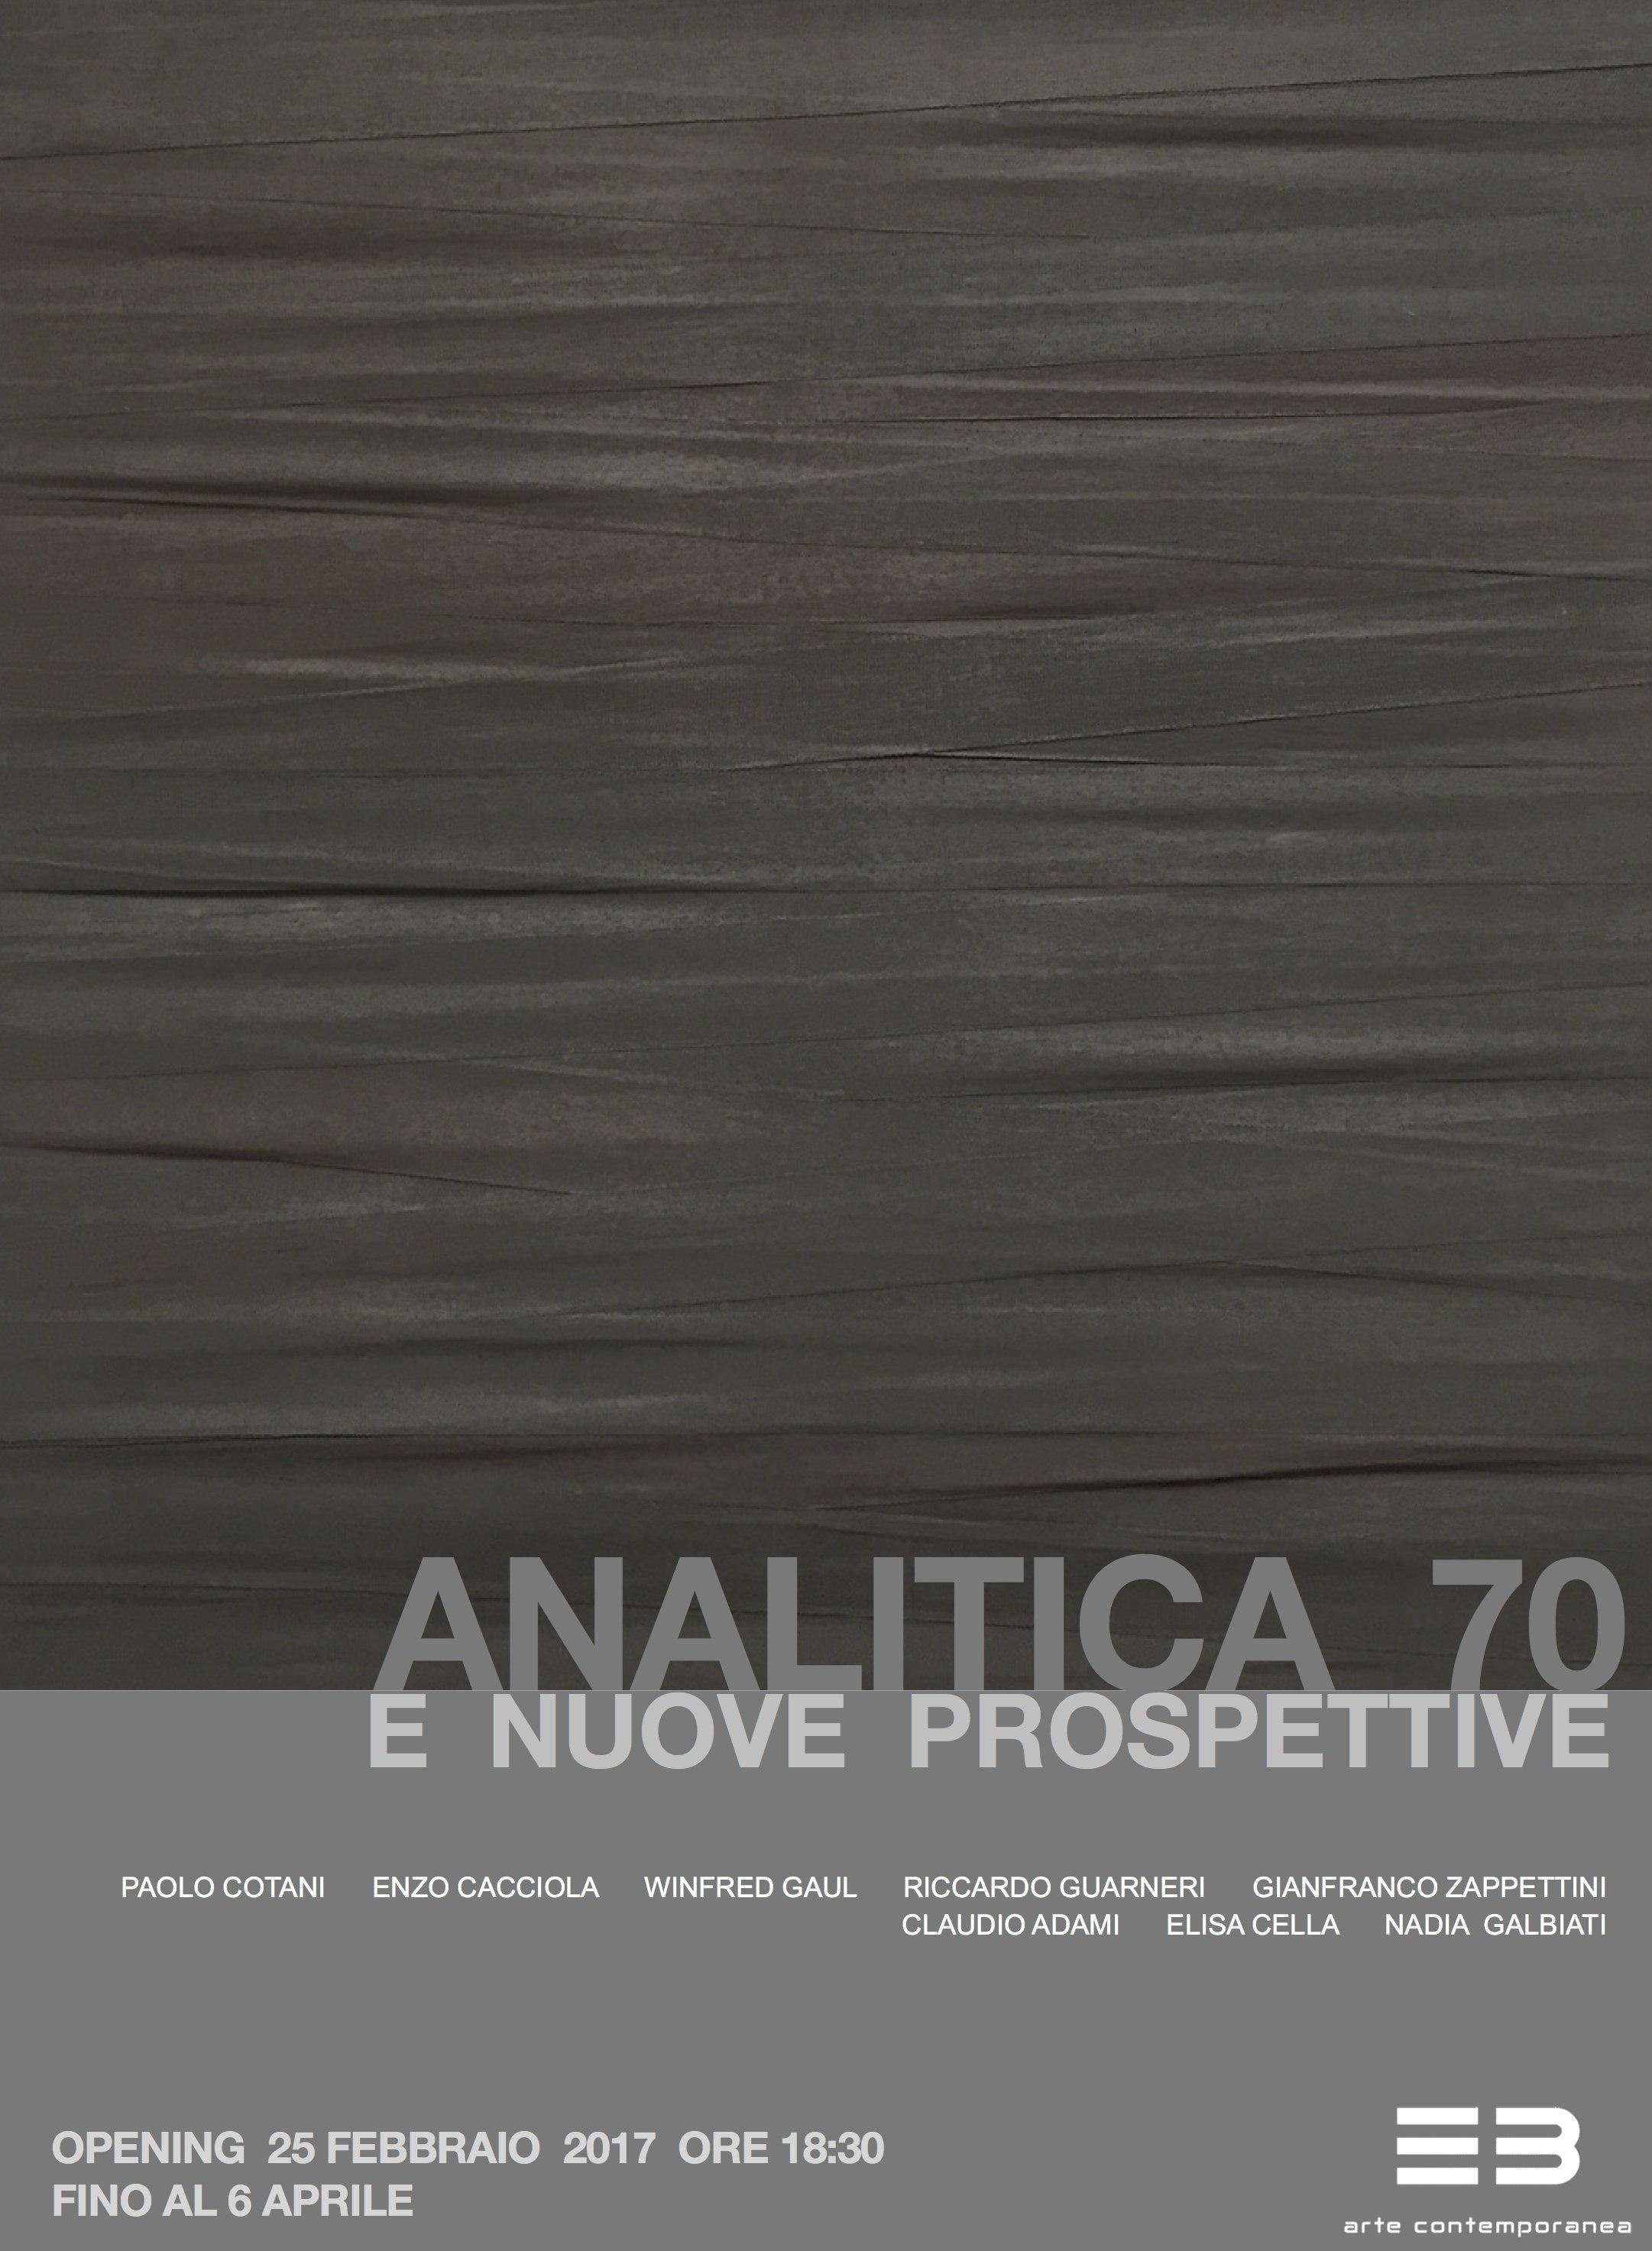 Analitica 70 e nuove prospettive